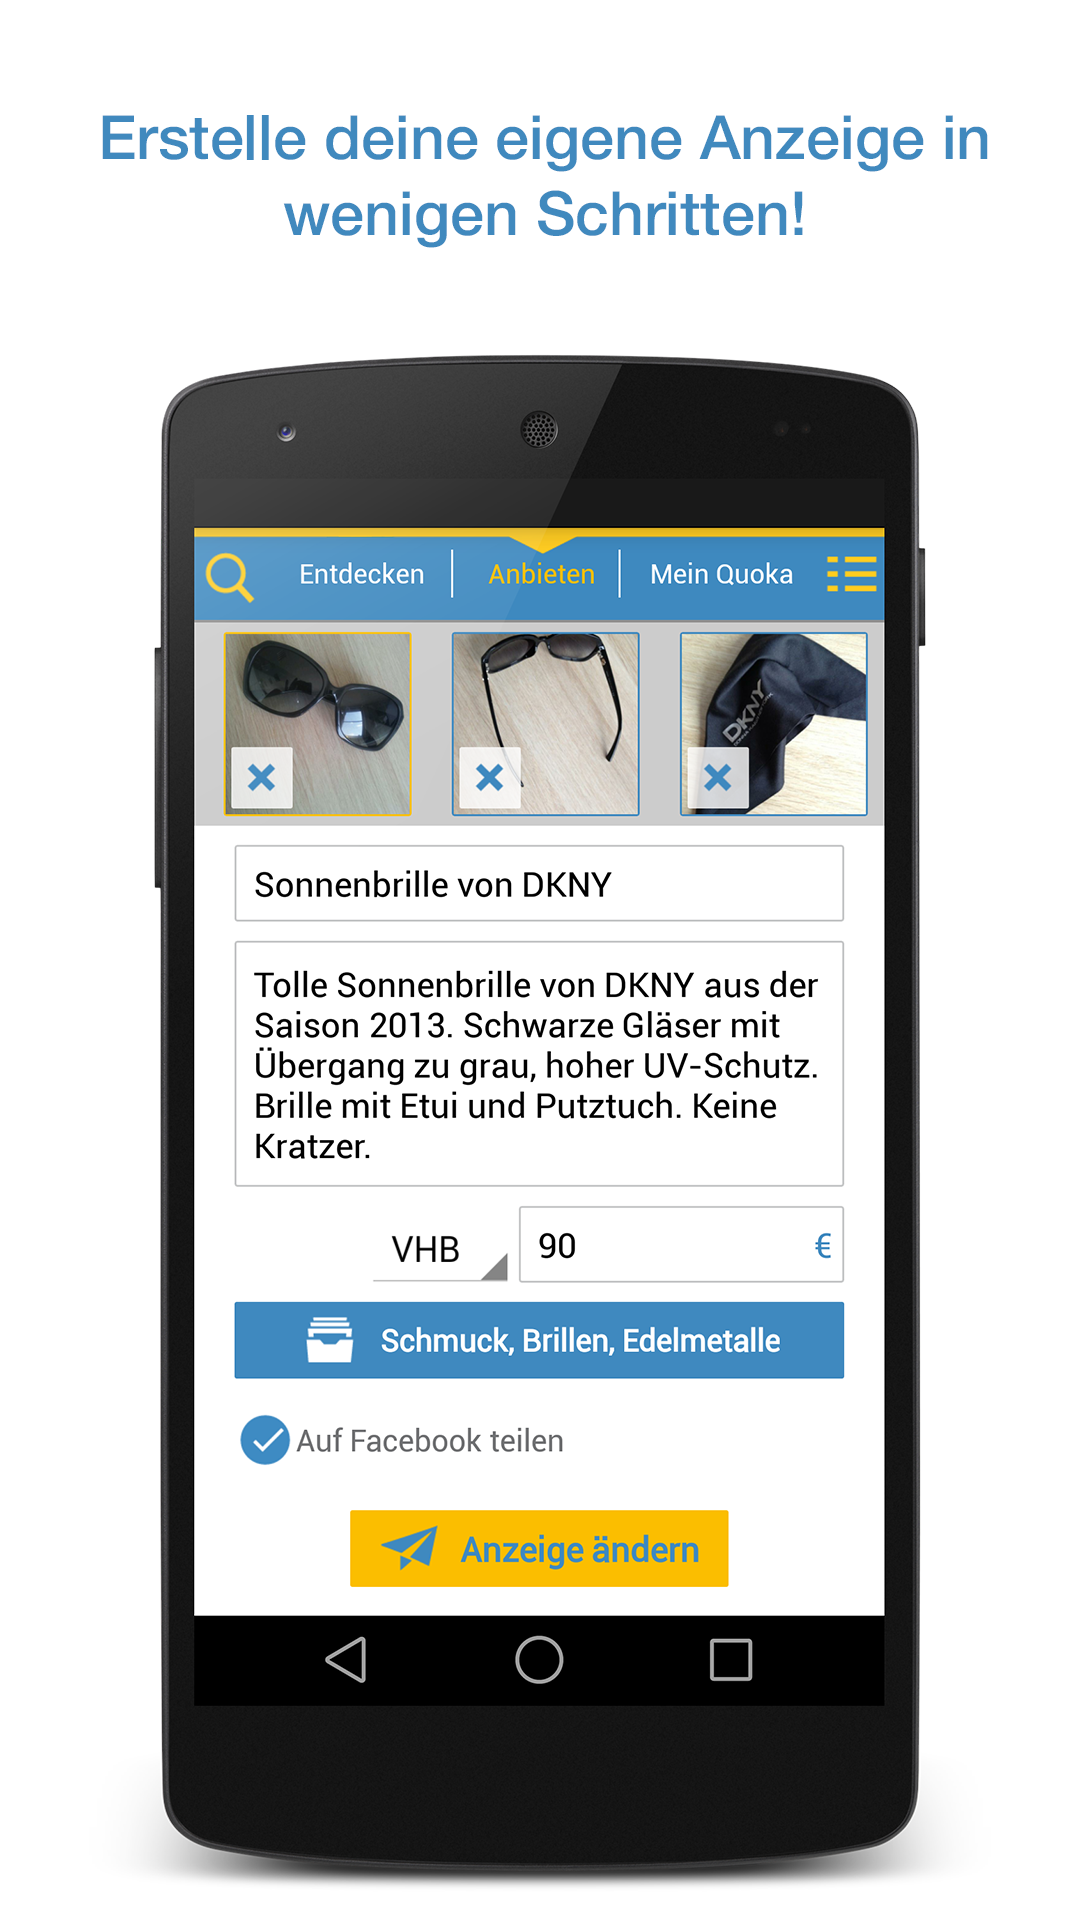 Quoka Kleinanzeigen Flohmarkt: Amazon.de: Apps für Android